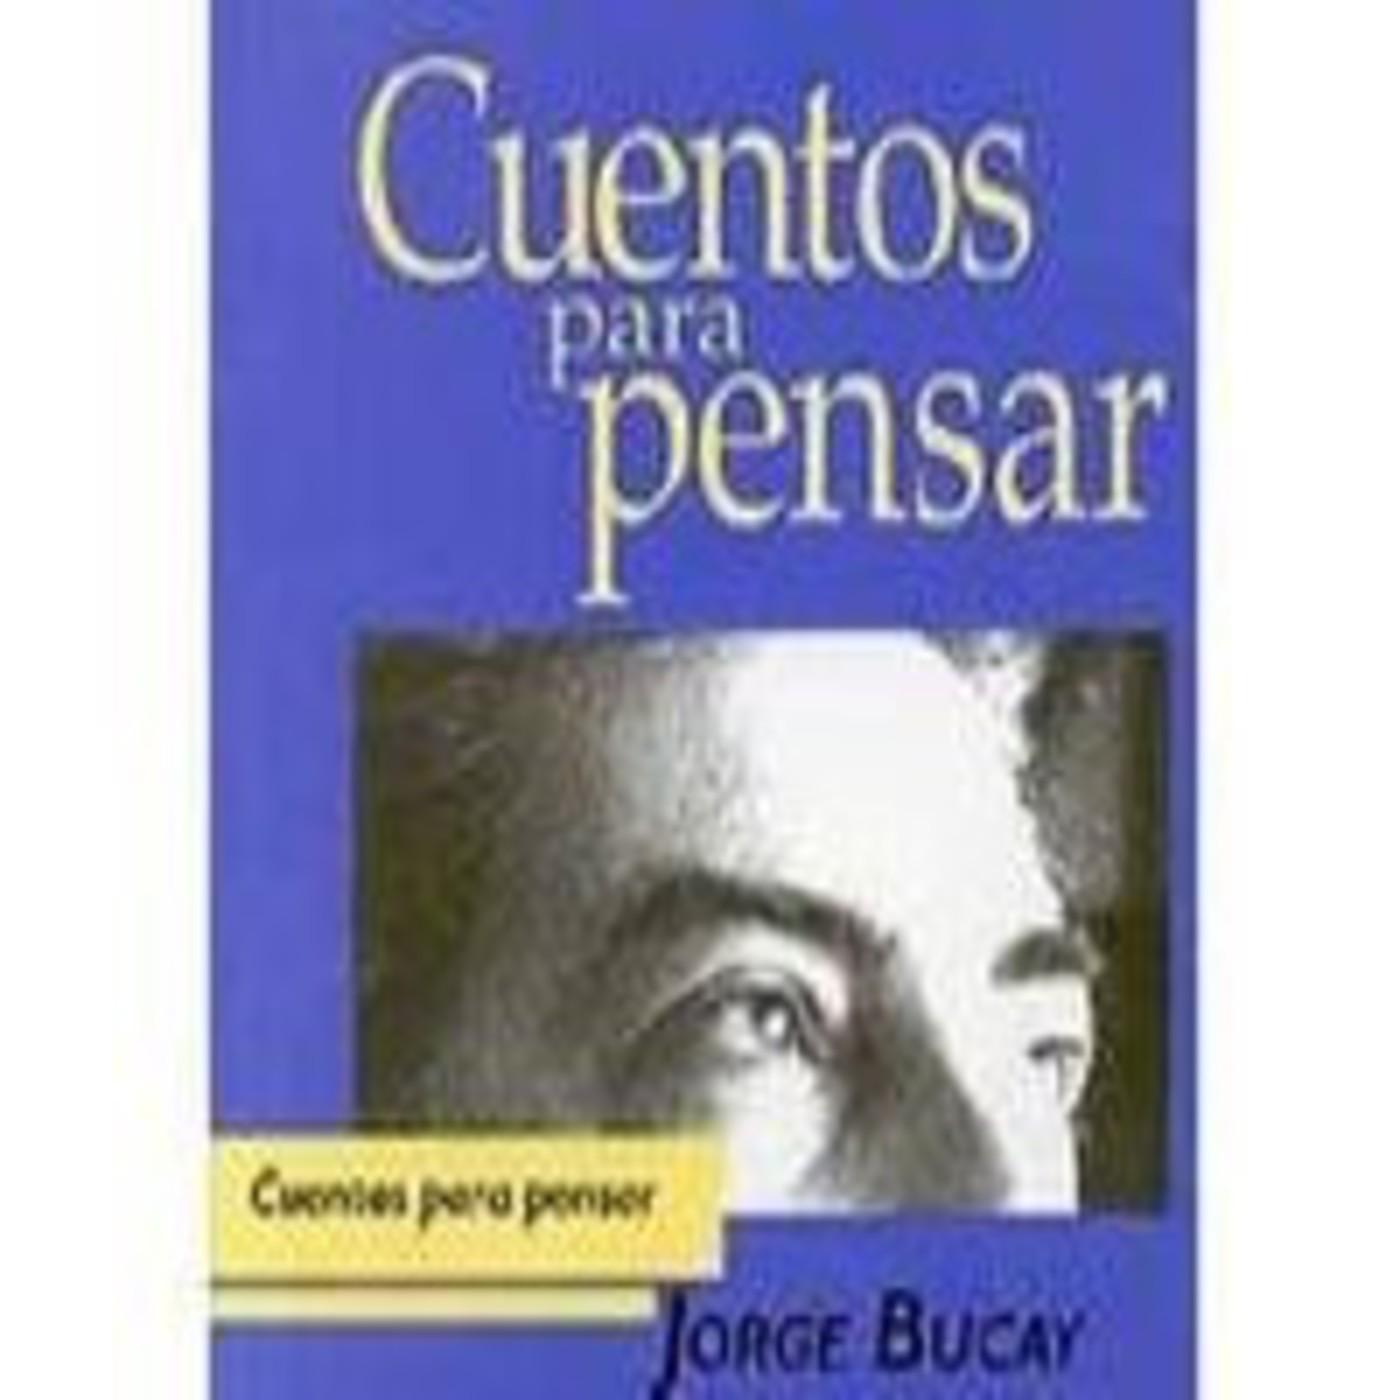 Cuentos para pensar (Jorge Bucay) en Cuentos para pensar